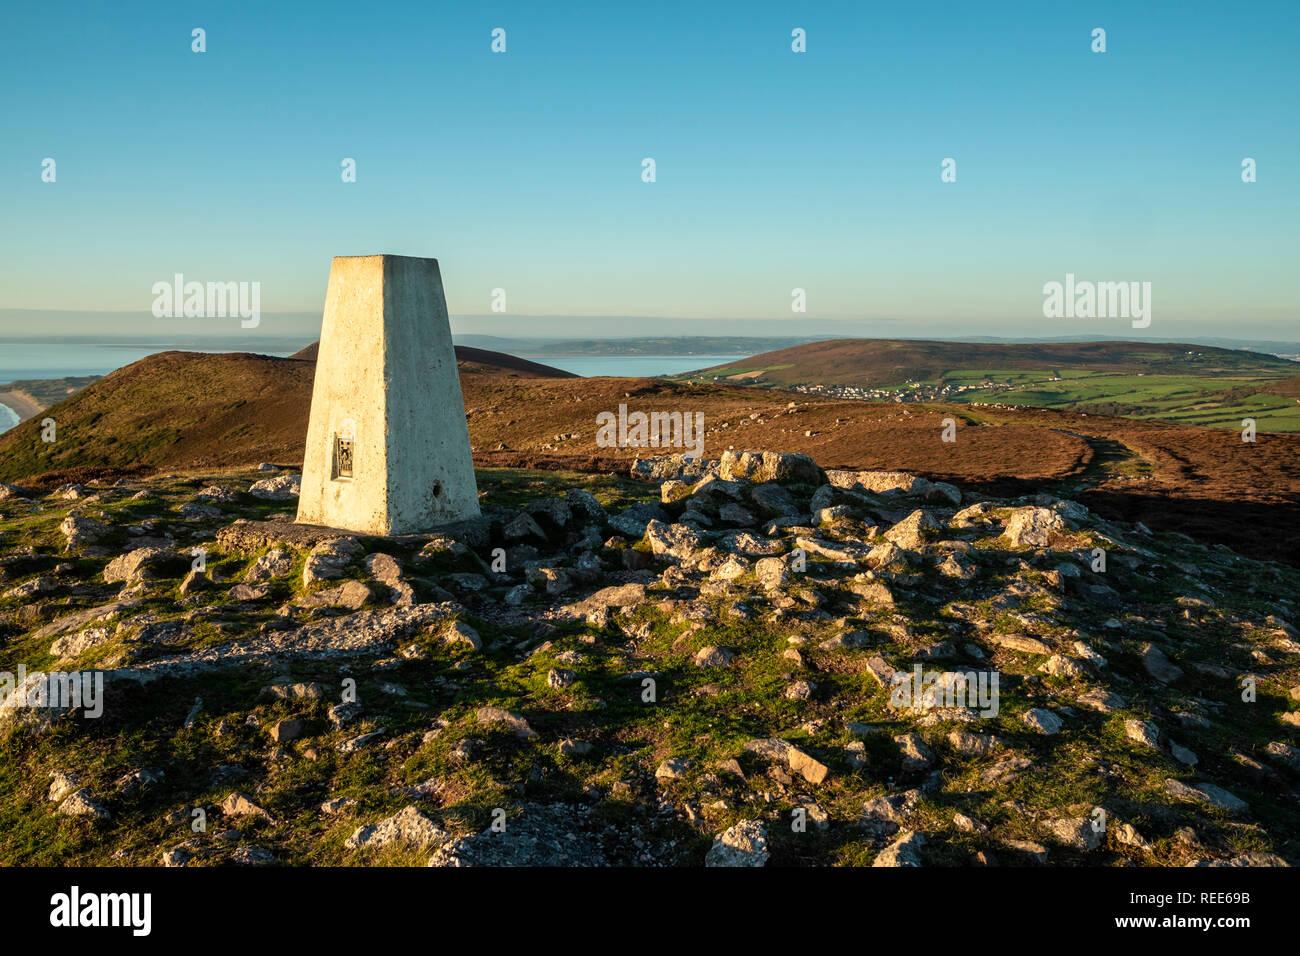 Trig punto por encima de la Bahía de Rhossili Rhossili downs Gower Swansea Wales Imagen De Stock